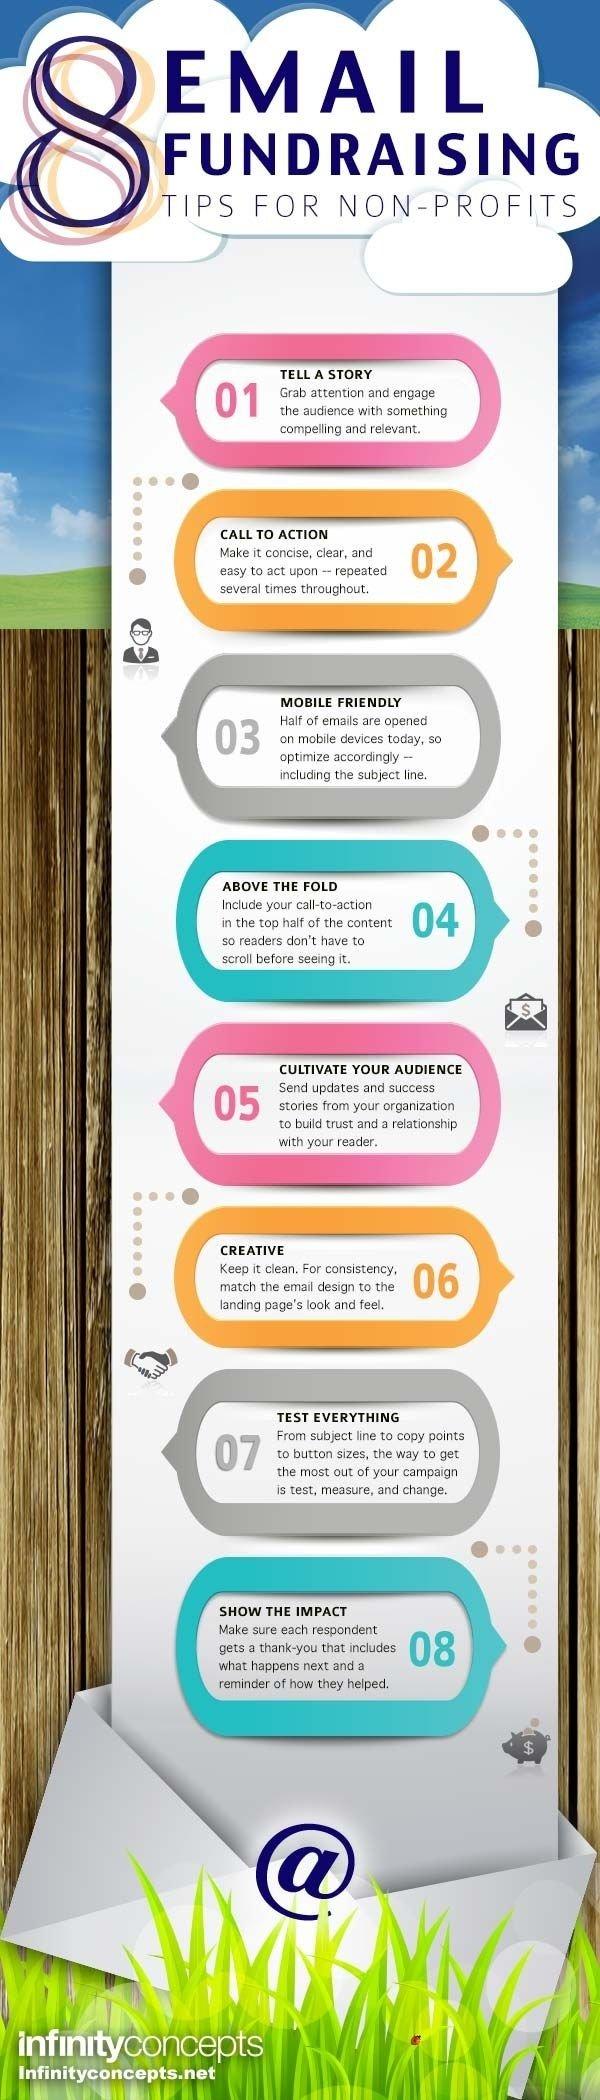 10 Lovable Benefit Ideas To Raise Money 30 best fundraising ideas images on pinterest fundraising ideas 2 2020